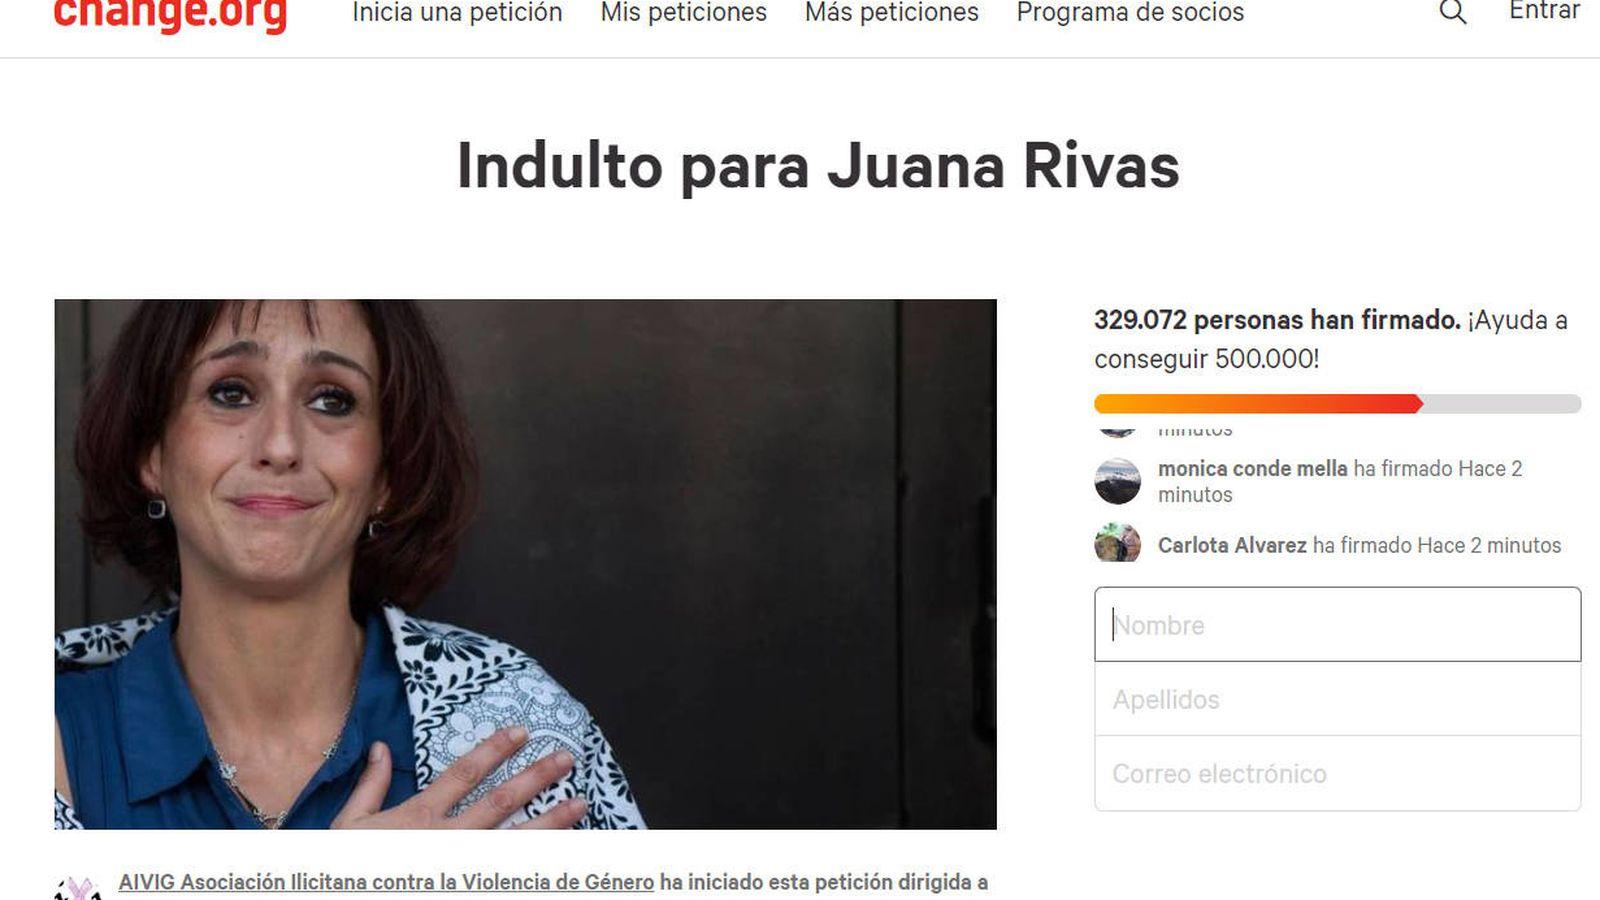 Foto: La campaña a favor de Juana Rivas en change.org no cesa de sumar apoyos